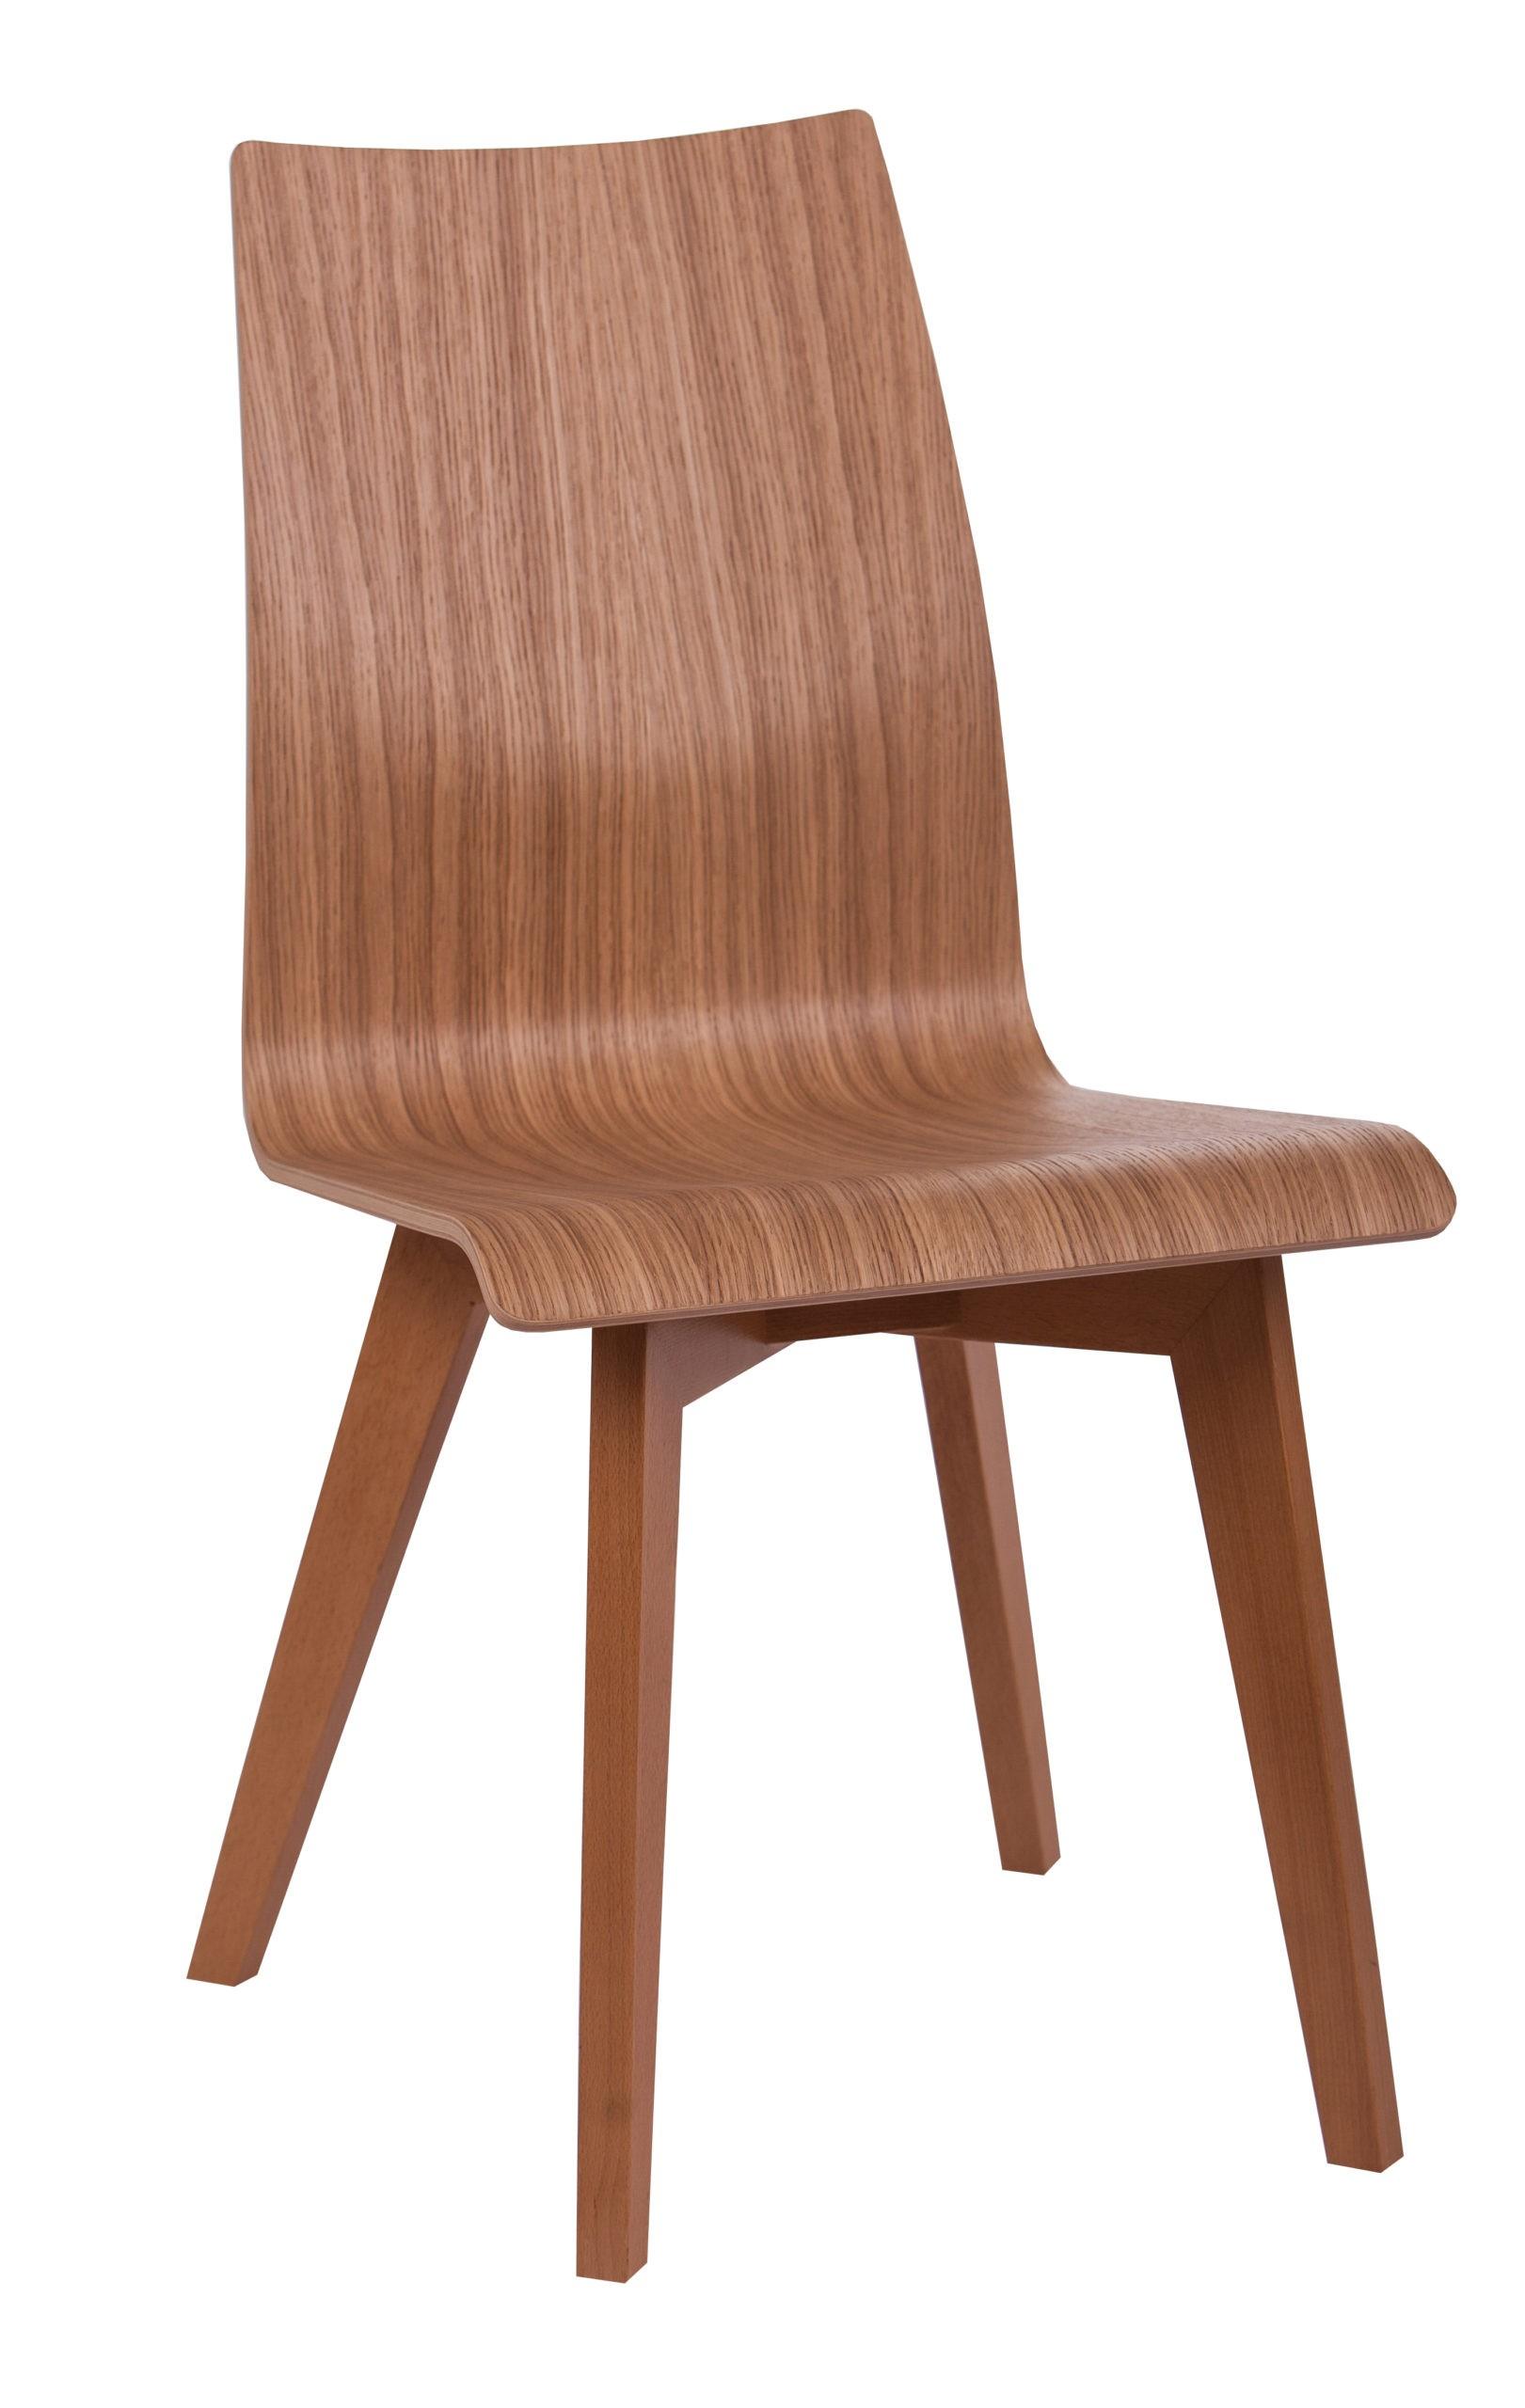 Krzesło całe drewniane KT 16 na krzyżakowym stelażu